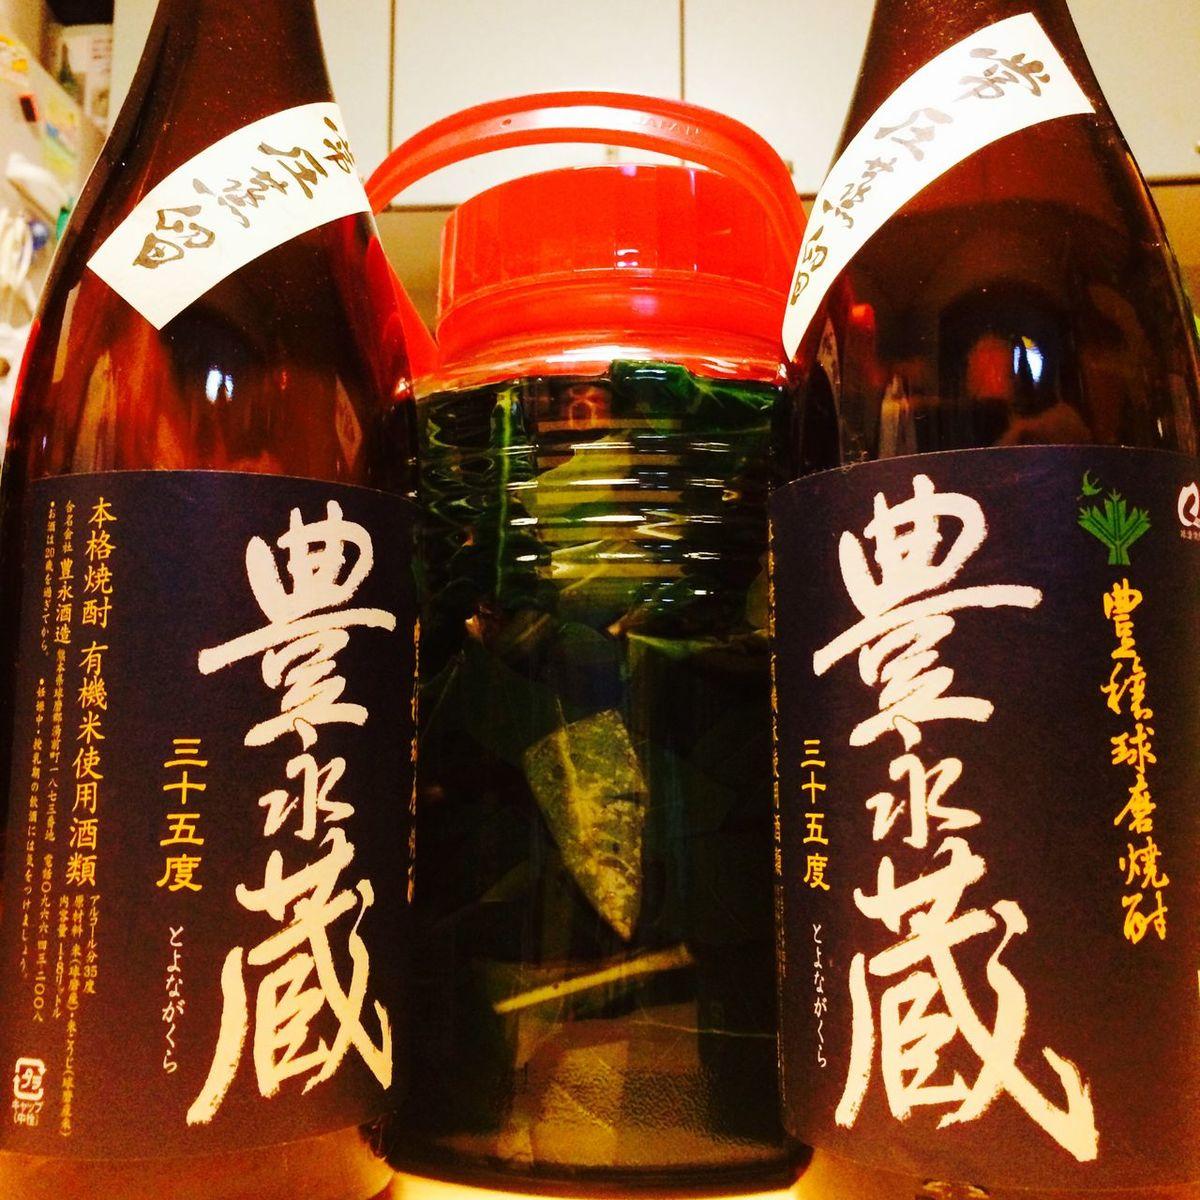 漬け込み第2弾。同じく 米焼酎 球磨焼酎 Distilled From Rice と 枇杷の葉 Leaf Of Loquat で仕込んでみた。 Japanese Shochu